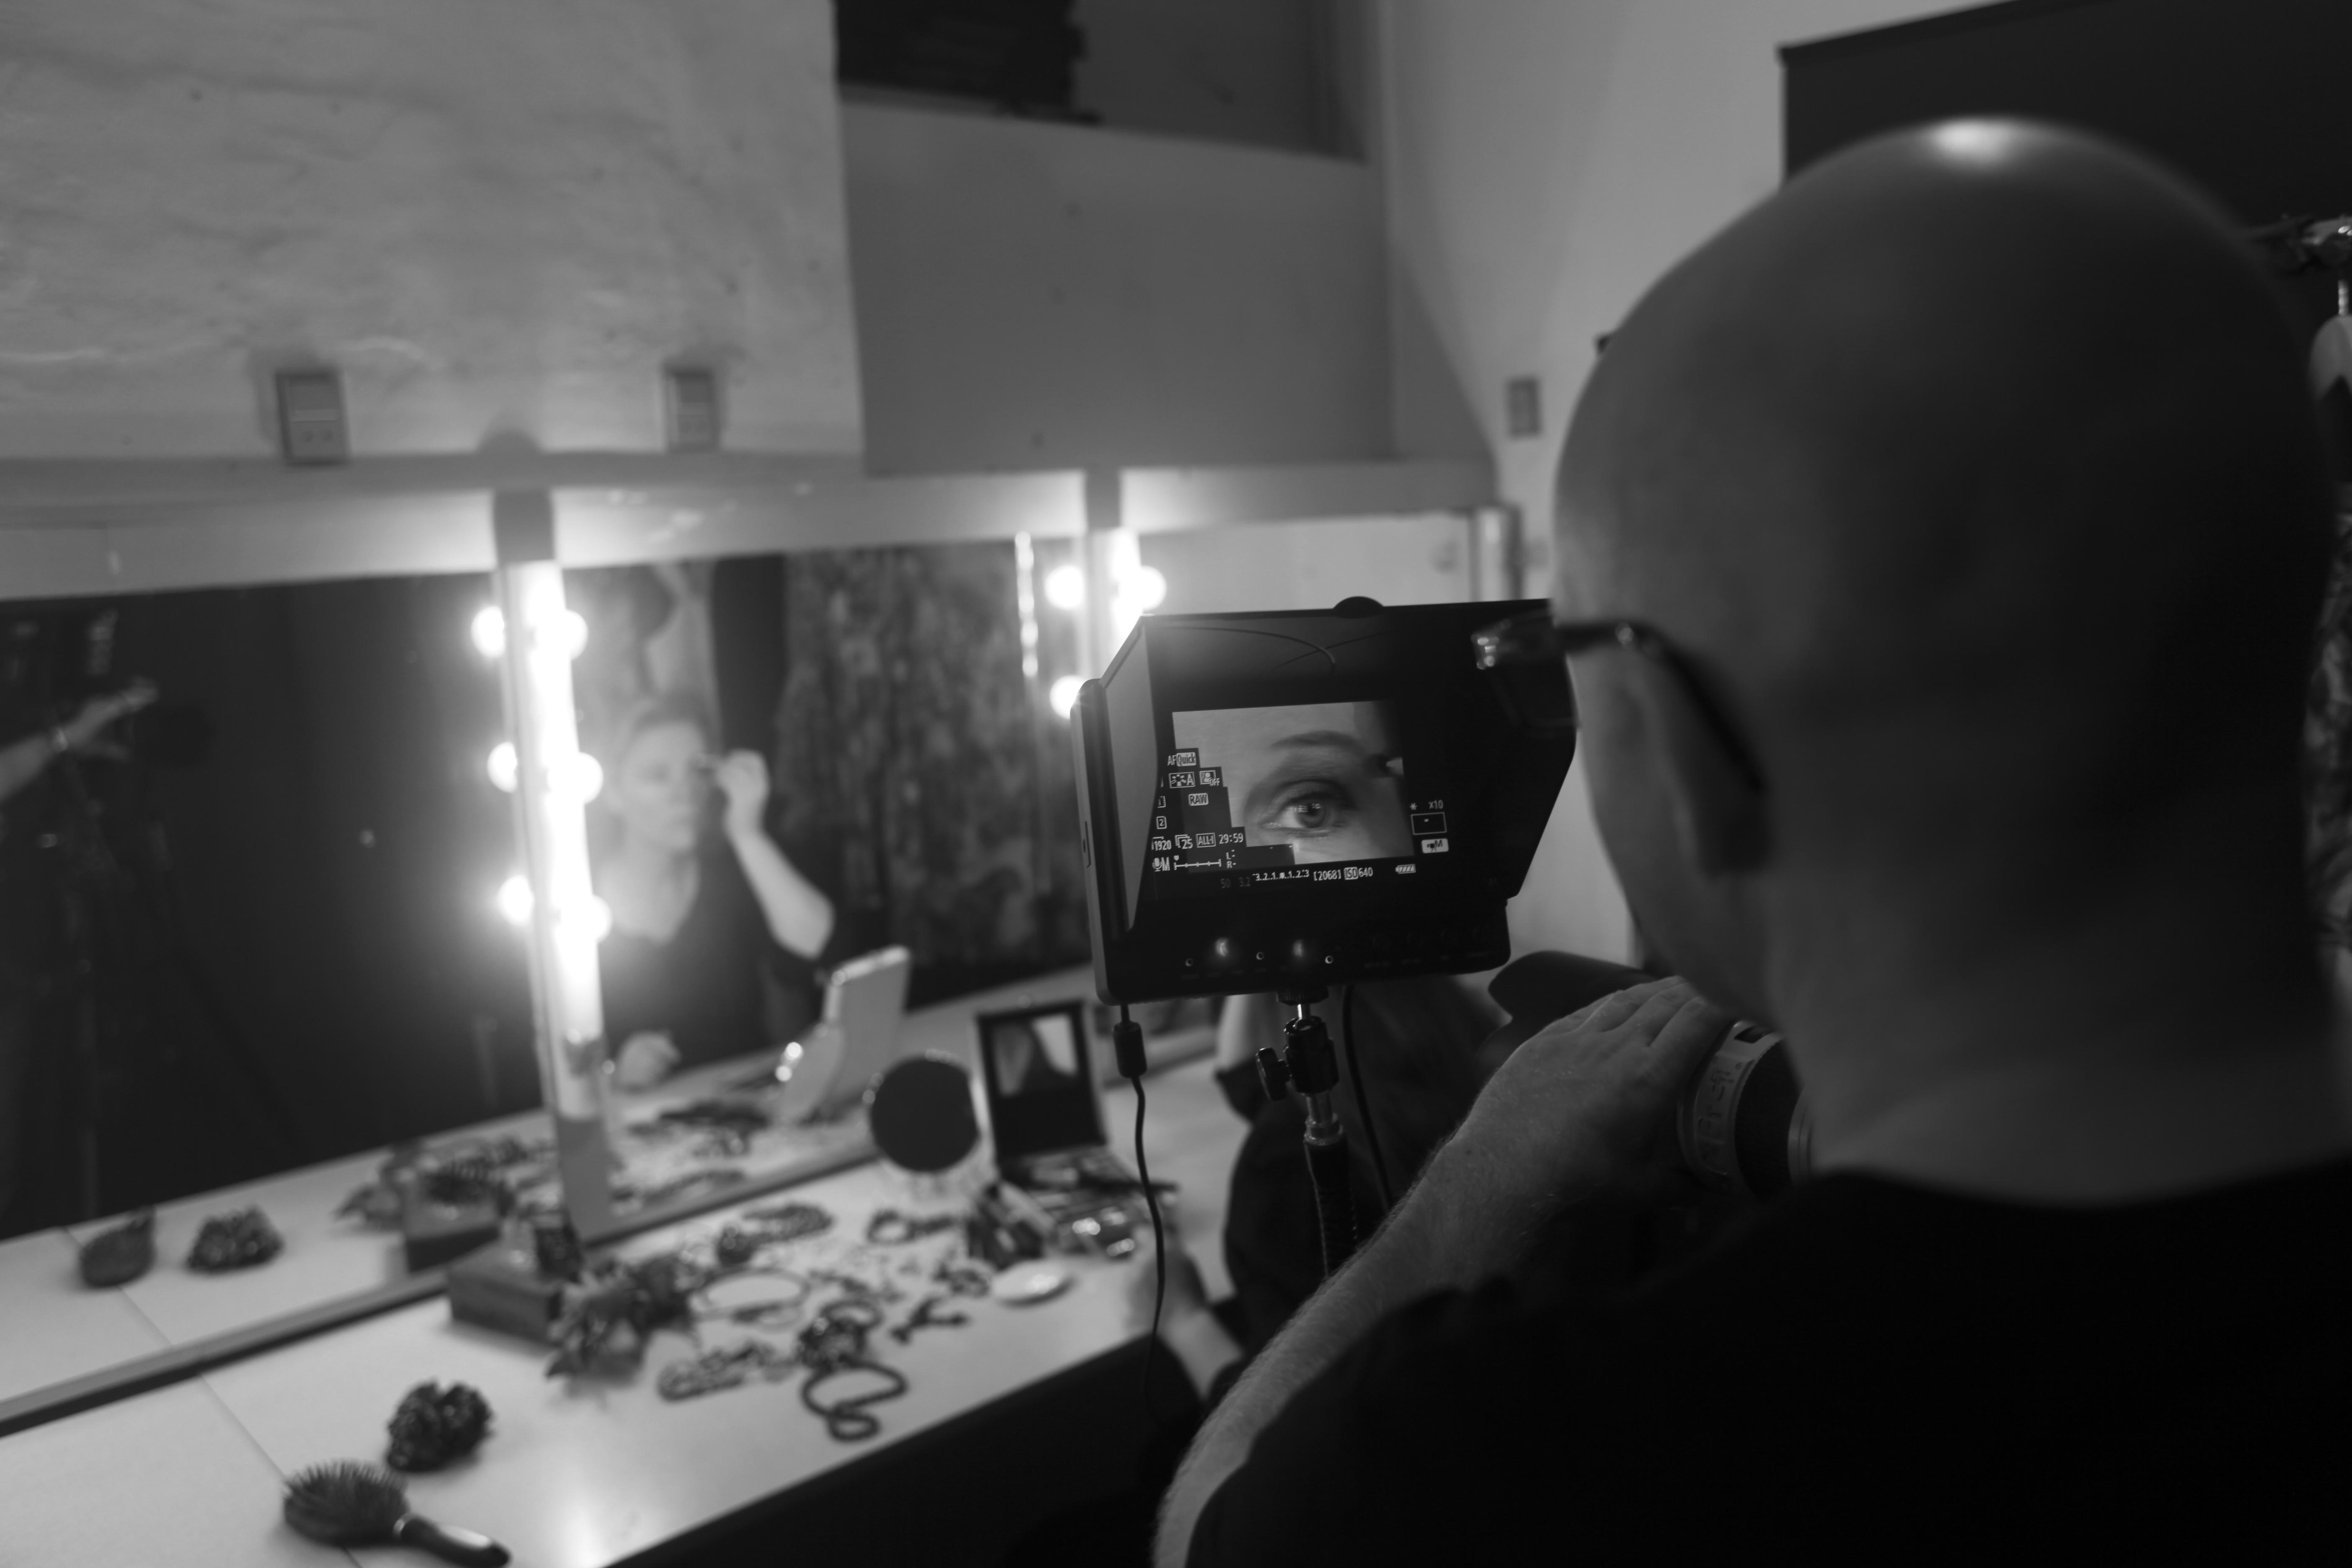 June Beltoft, musiker sanger og sangskriver. Sangen Edge of Yesterday er fra CD'en Alive, udgivet i 2013. Musik produceret af B-Joe. Musikvideo filmet og produceret af Jacob Crawfurd. Foto: Benjamin Bachdal